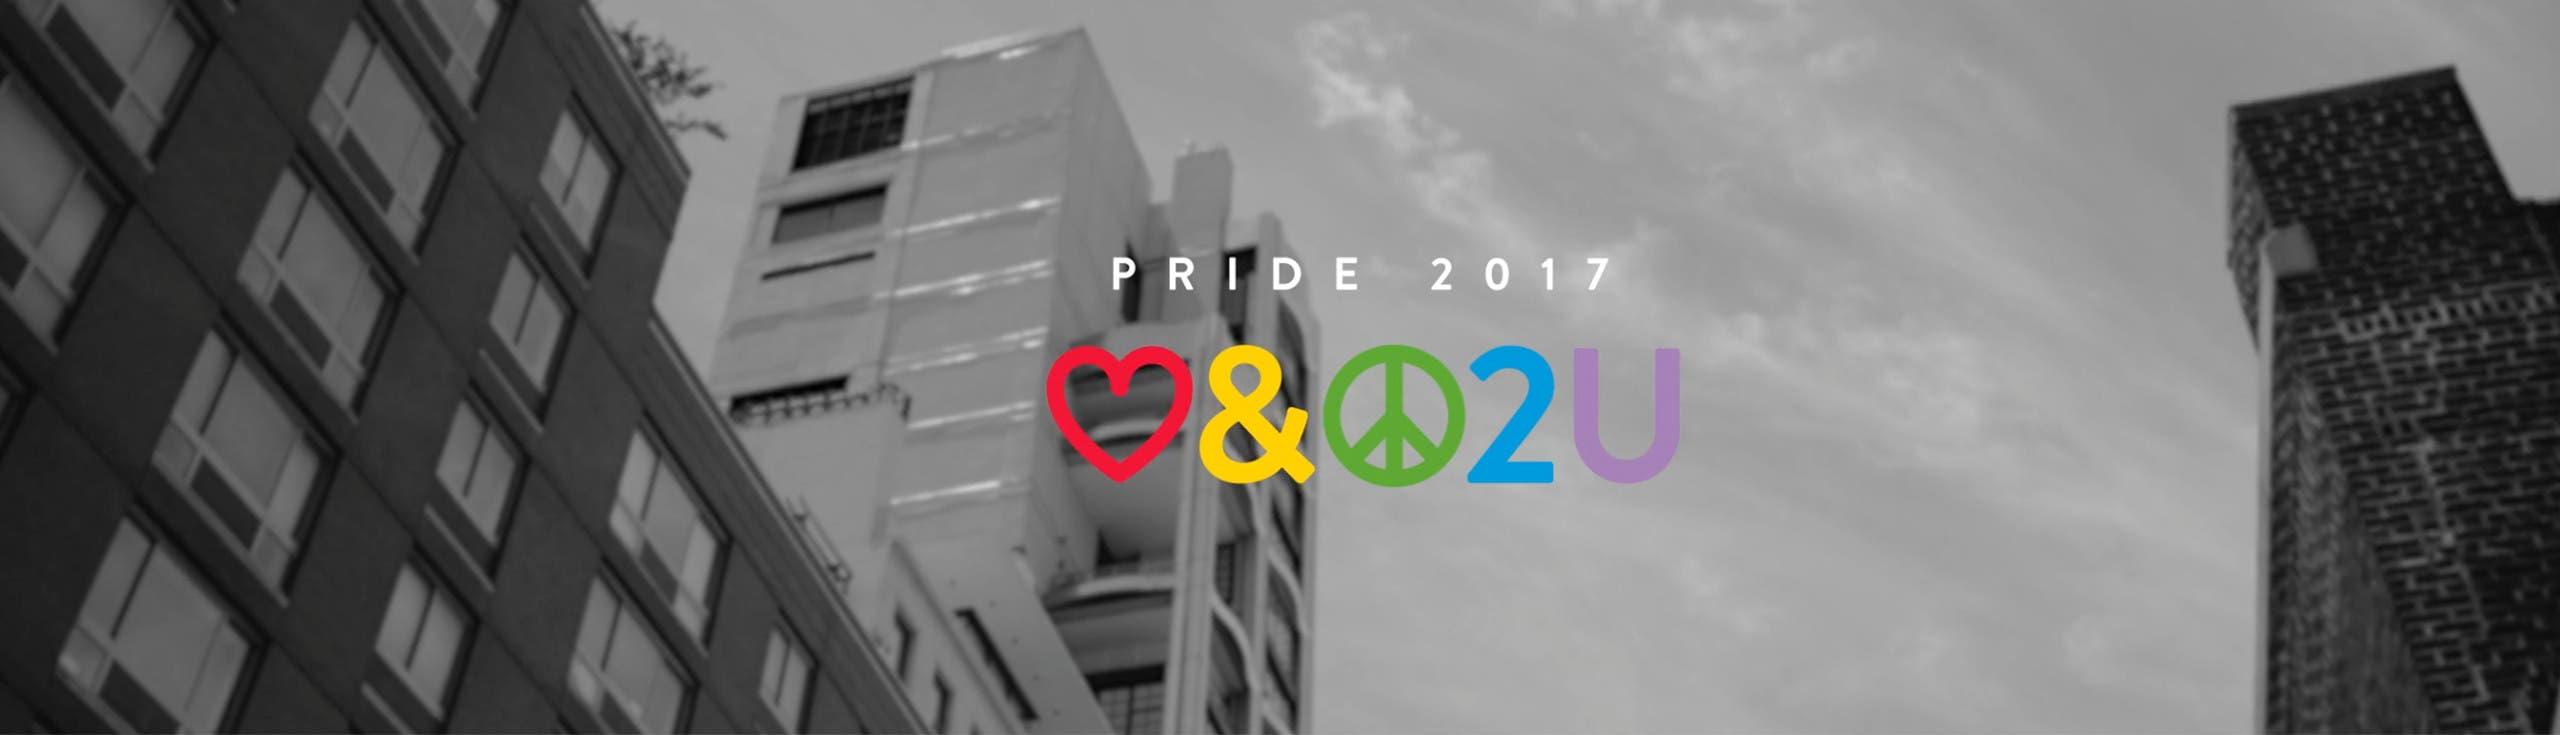 Pride 2017.